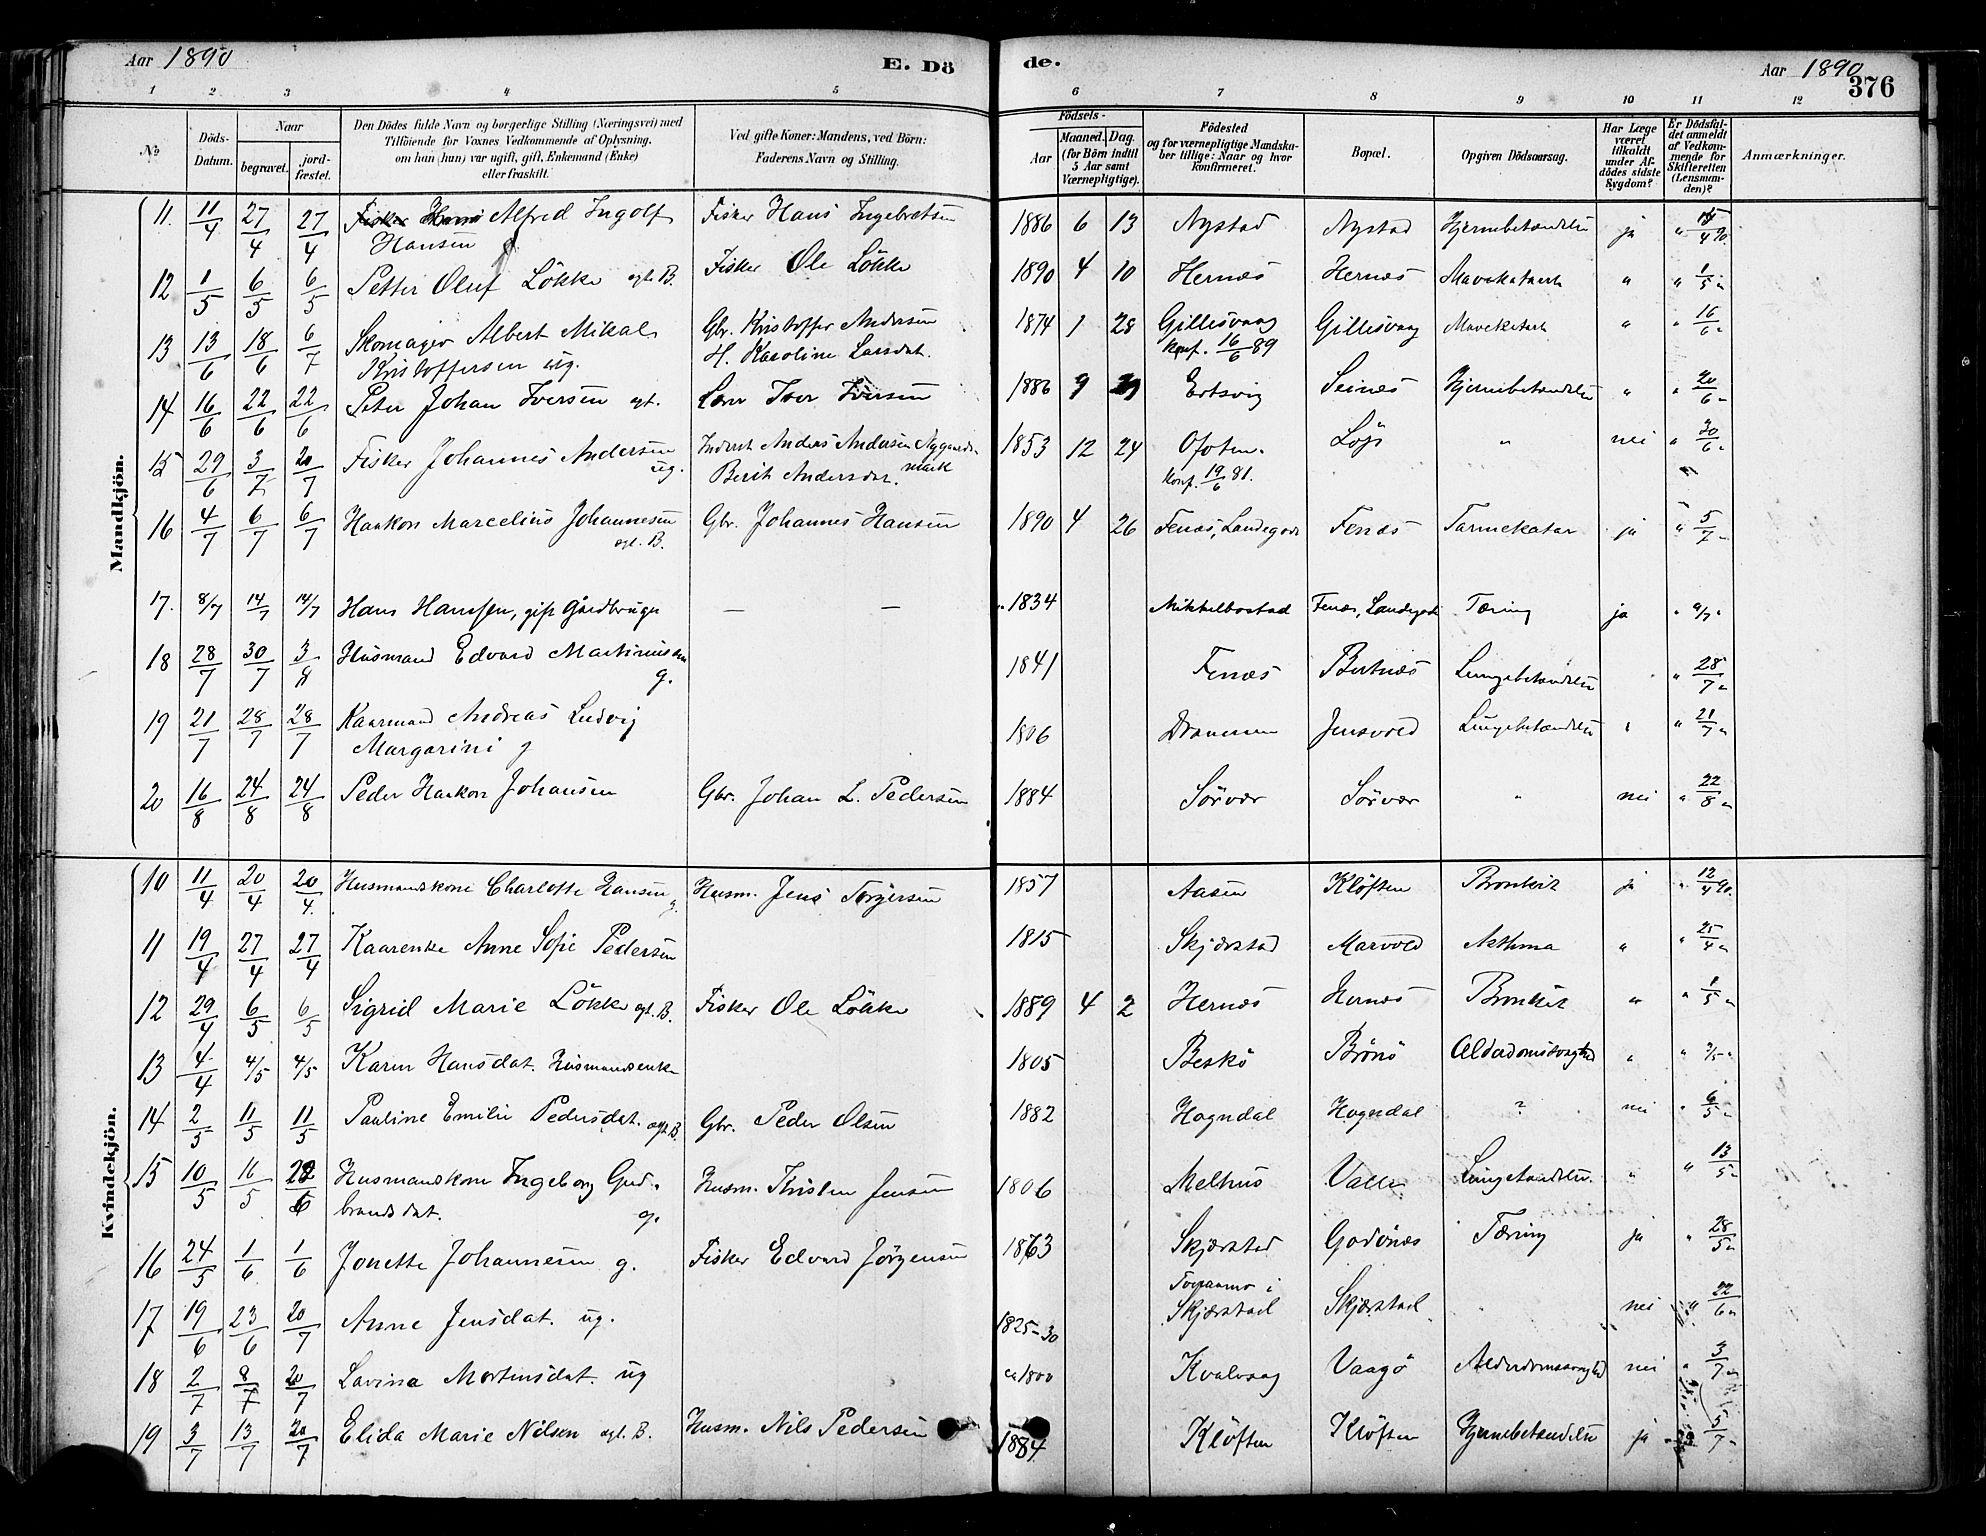 SAT, Ministerialprotokoller, klokkerbøker og fødselsregistre - Nordland, 802/L0054: Parish register (official) no. 802A01, 1879-1893, p. 376